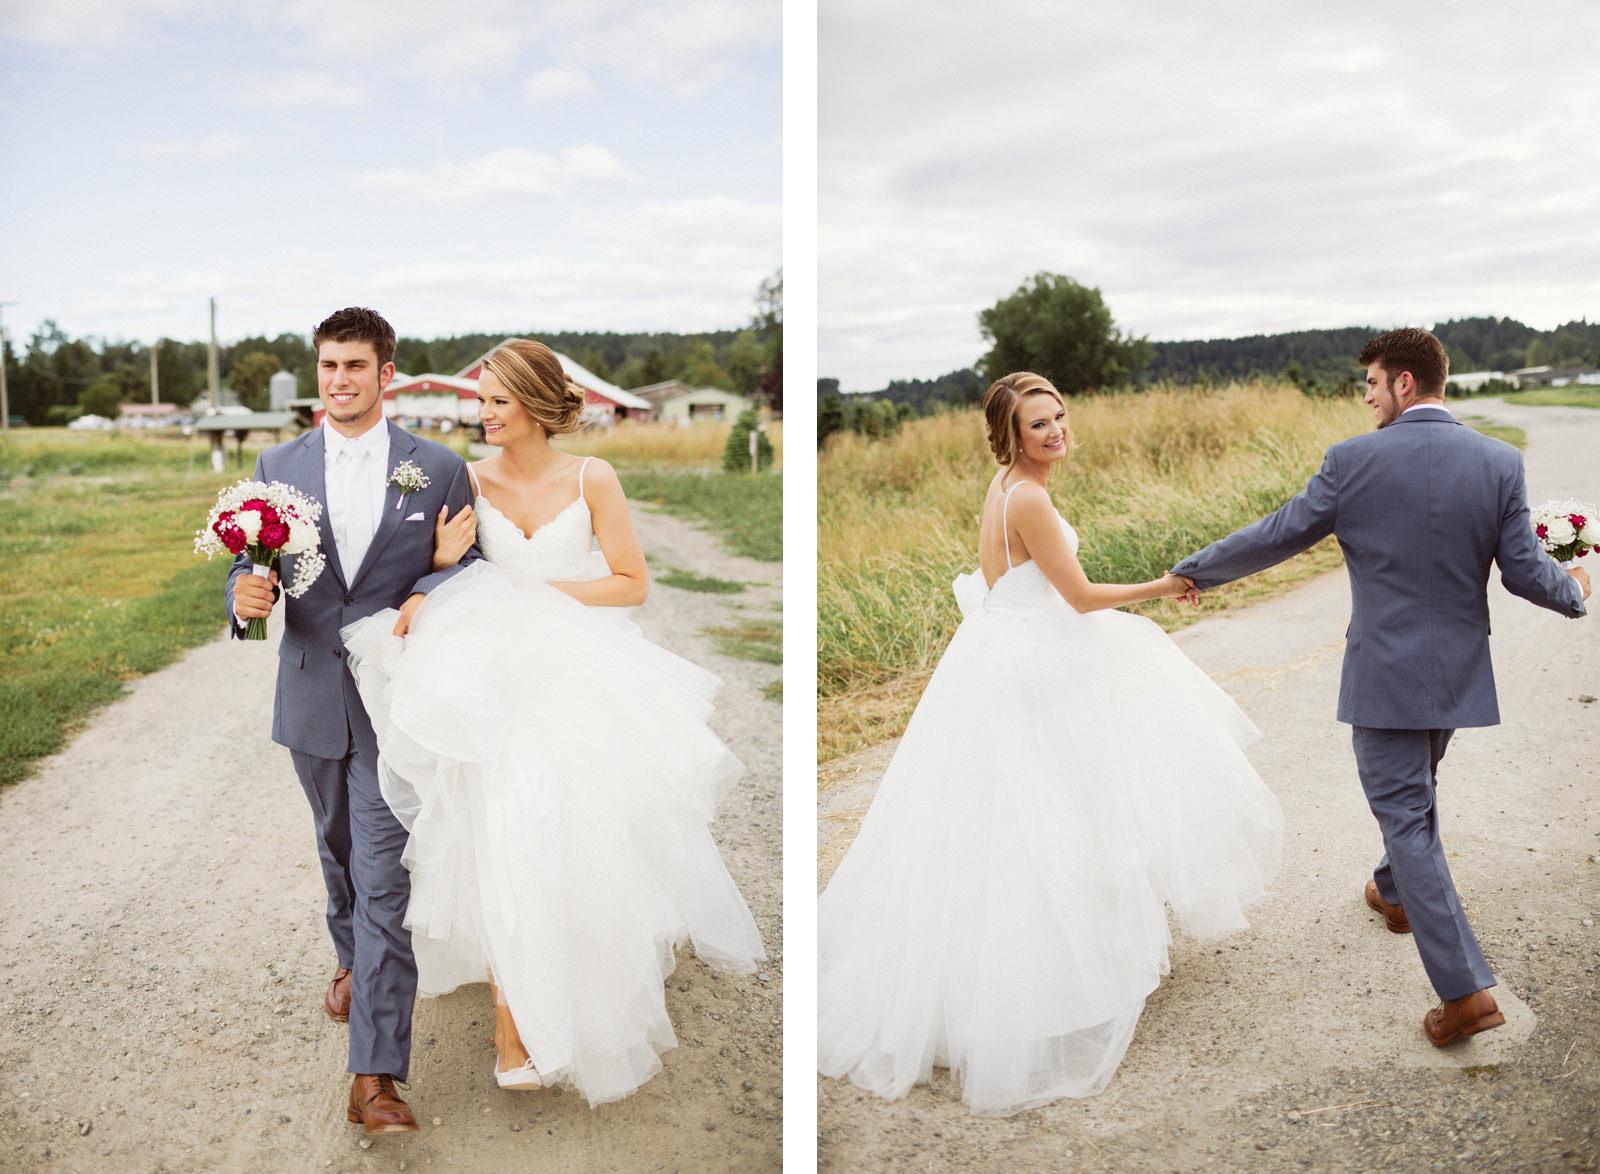 jacobregan-blog-35 SCHILLER FAMILY FARM WEDDING